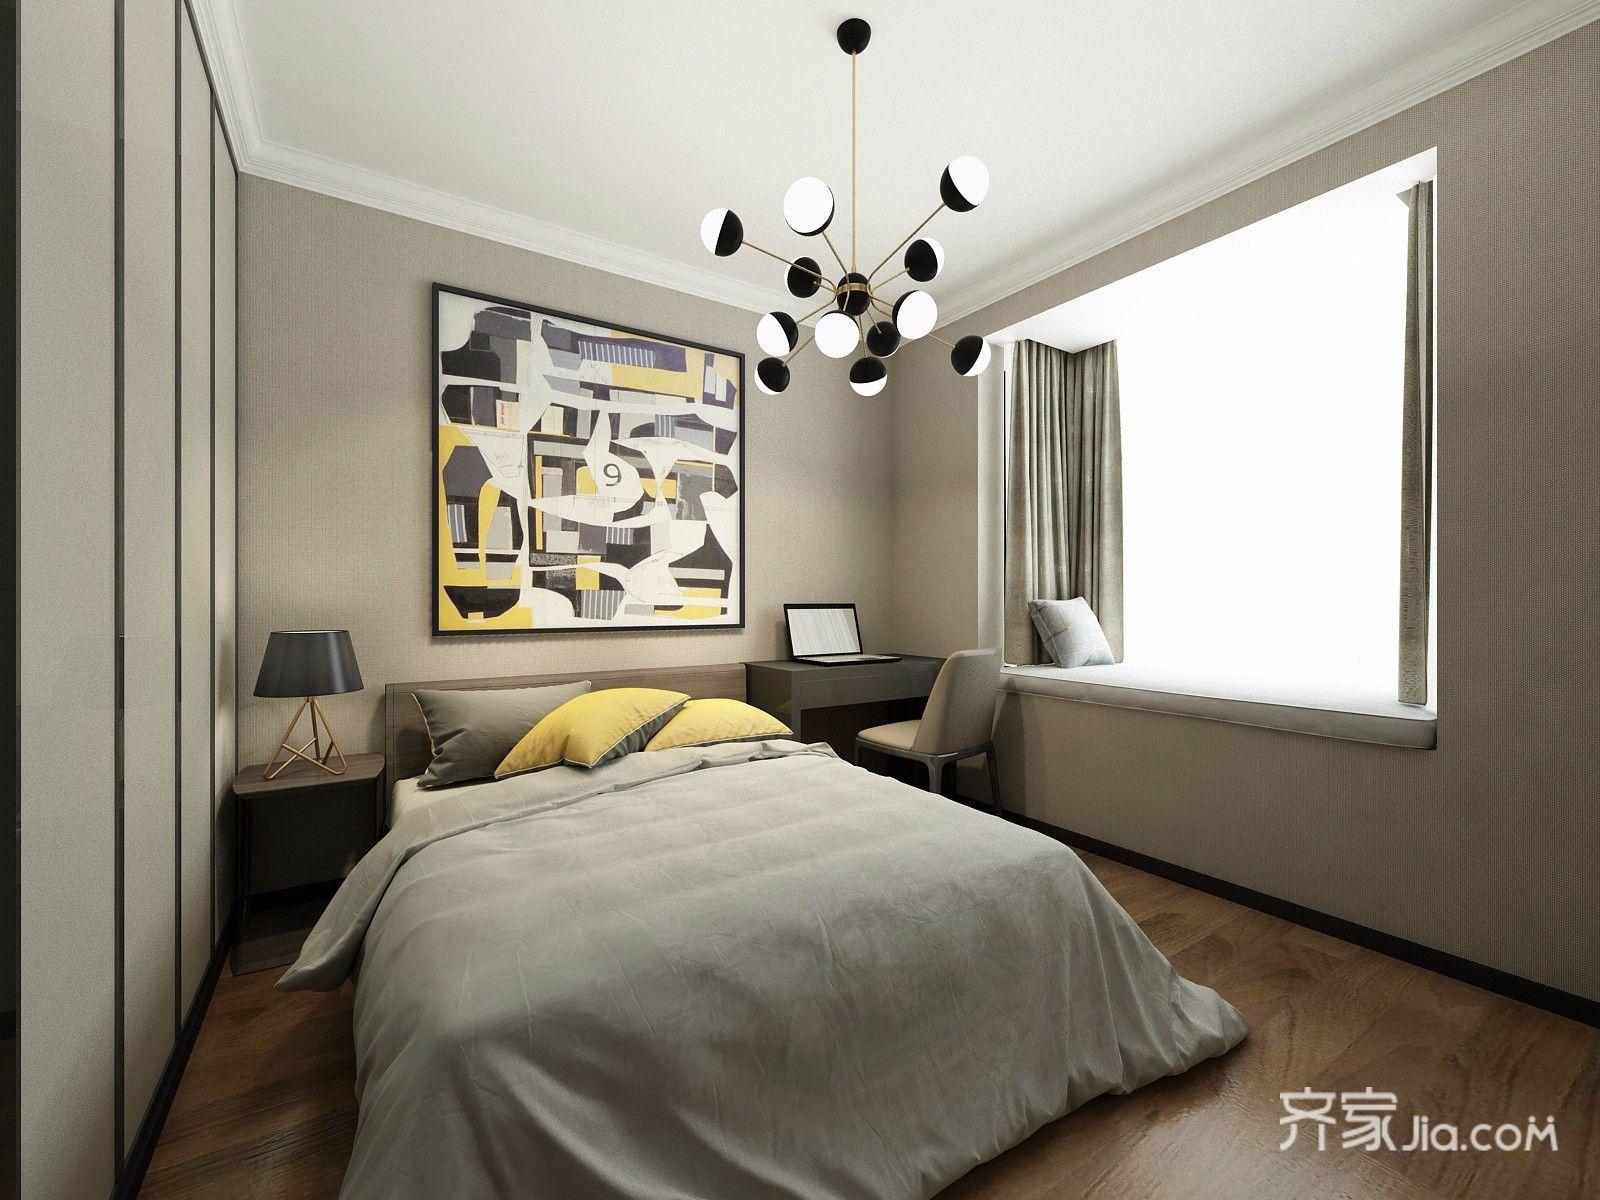 106㎡现代简约三居卧室装修效果图